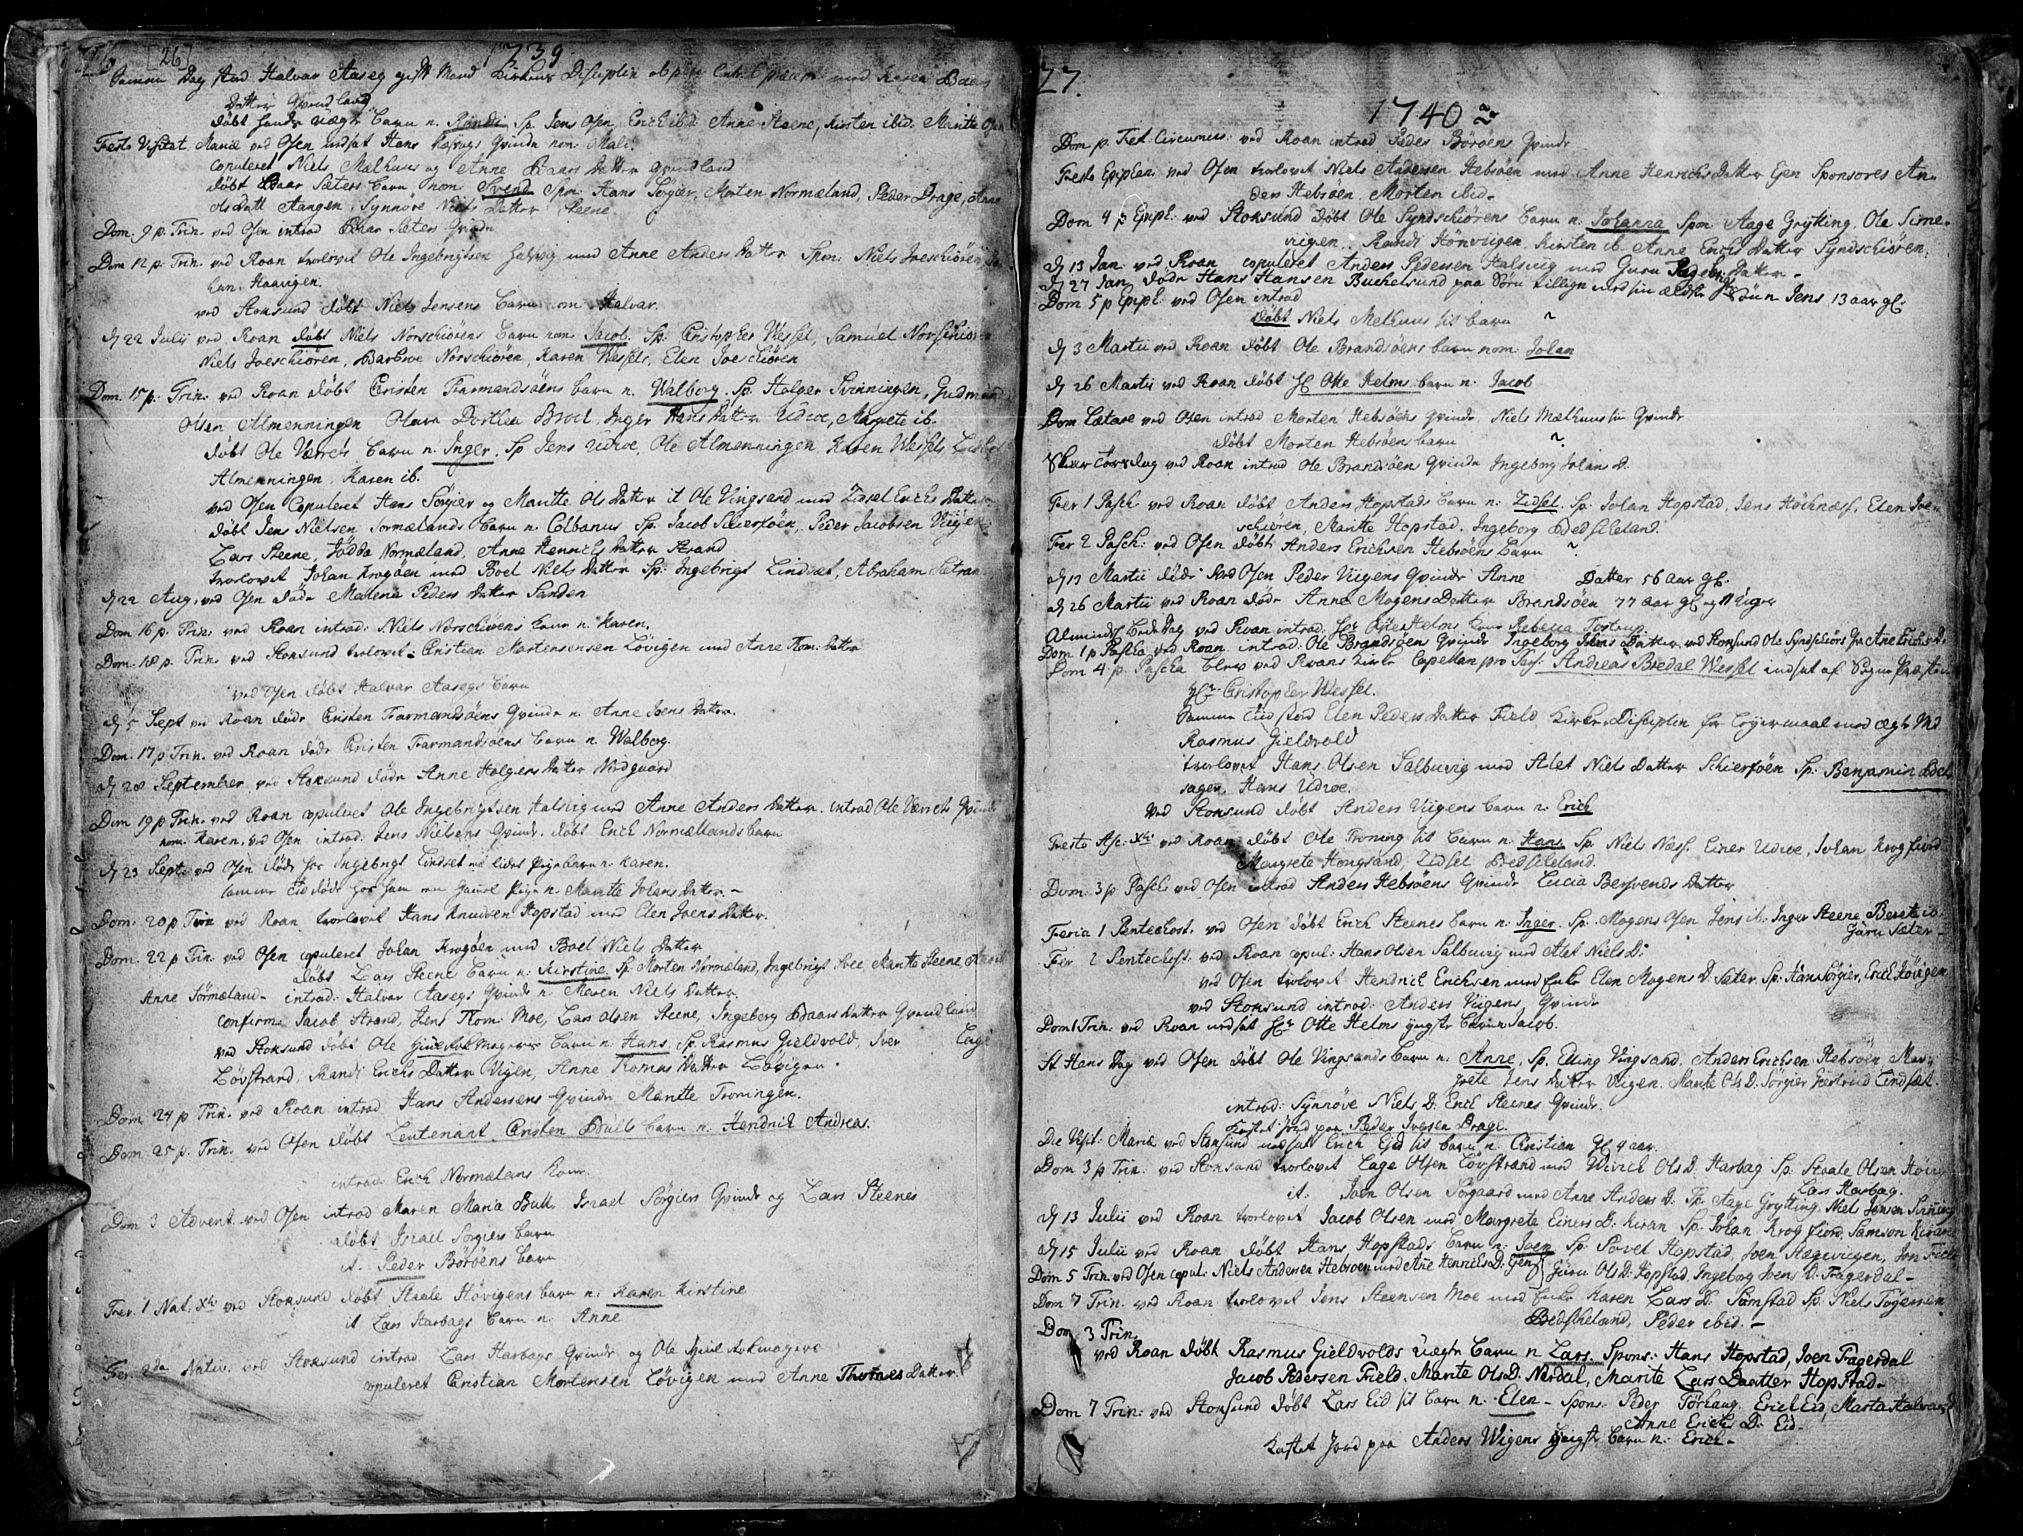 SAT, Ministerialprotokoller, klokkerbøker og fødselsregistre - Sør-Trøndelag, 657/L0700: Ministerialbok nr. 657A01, 1732-1801, s. 26-27